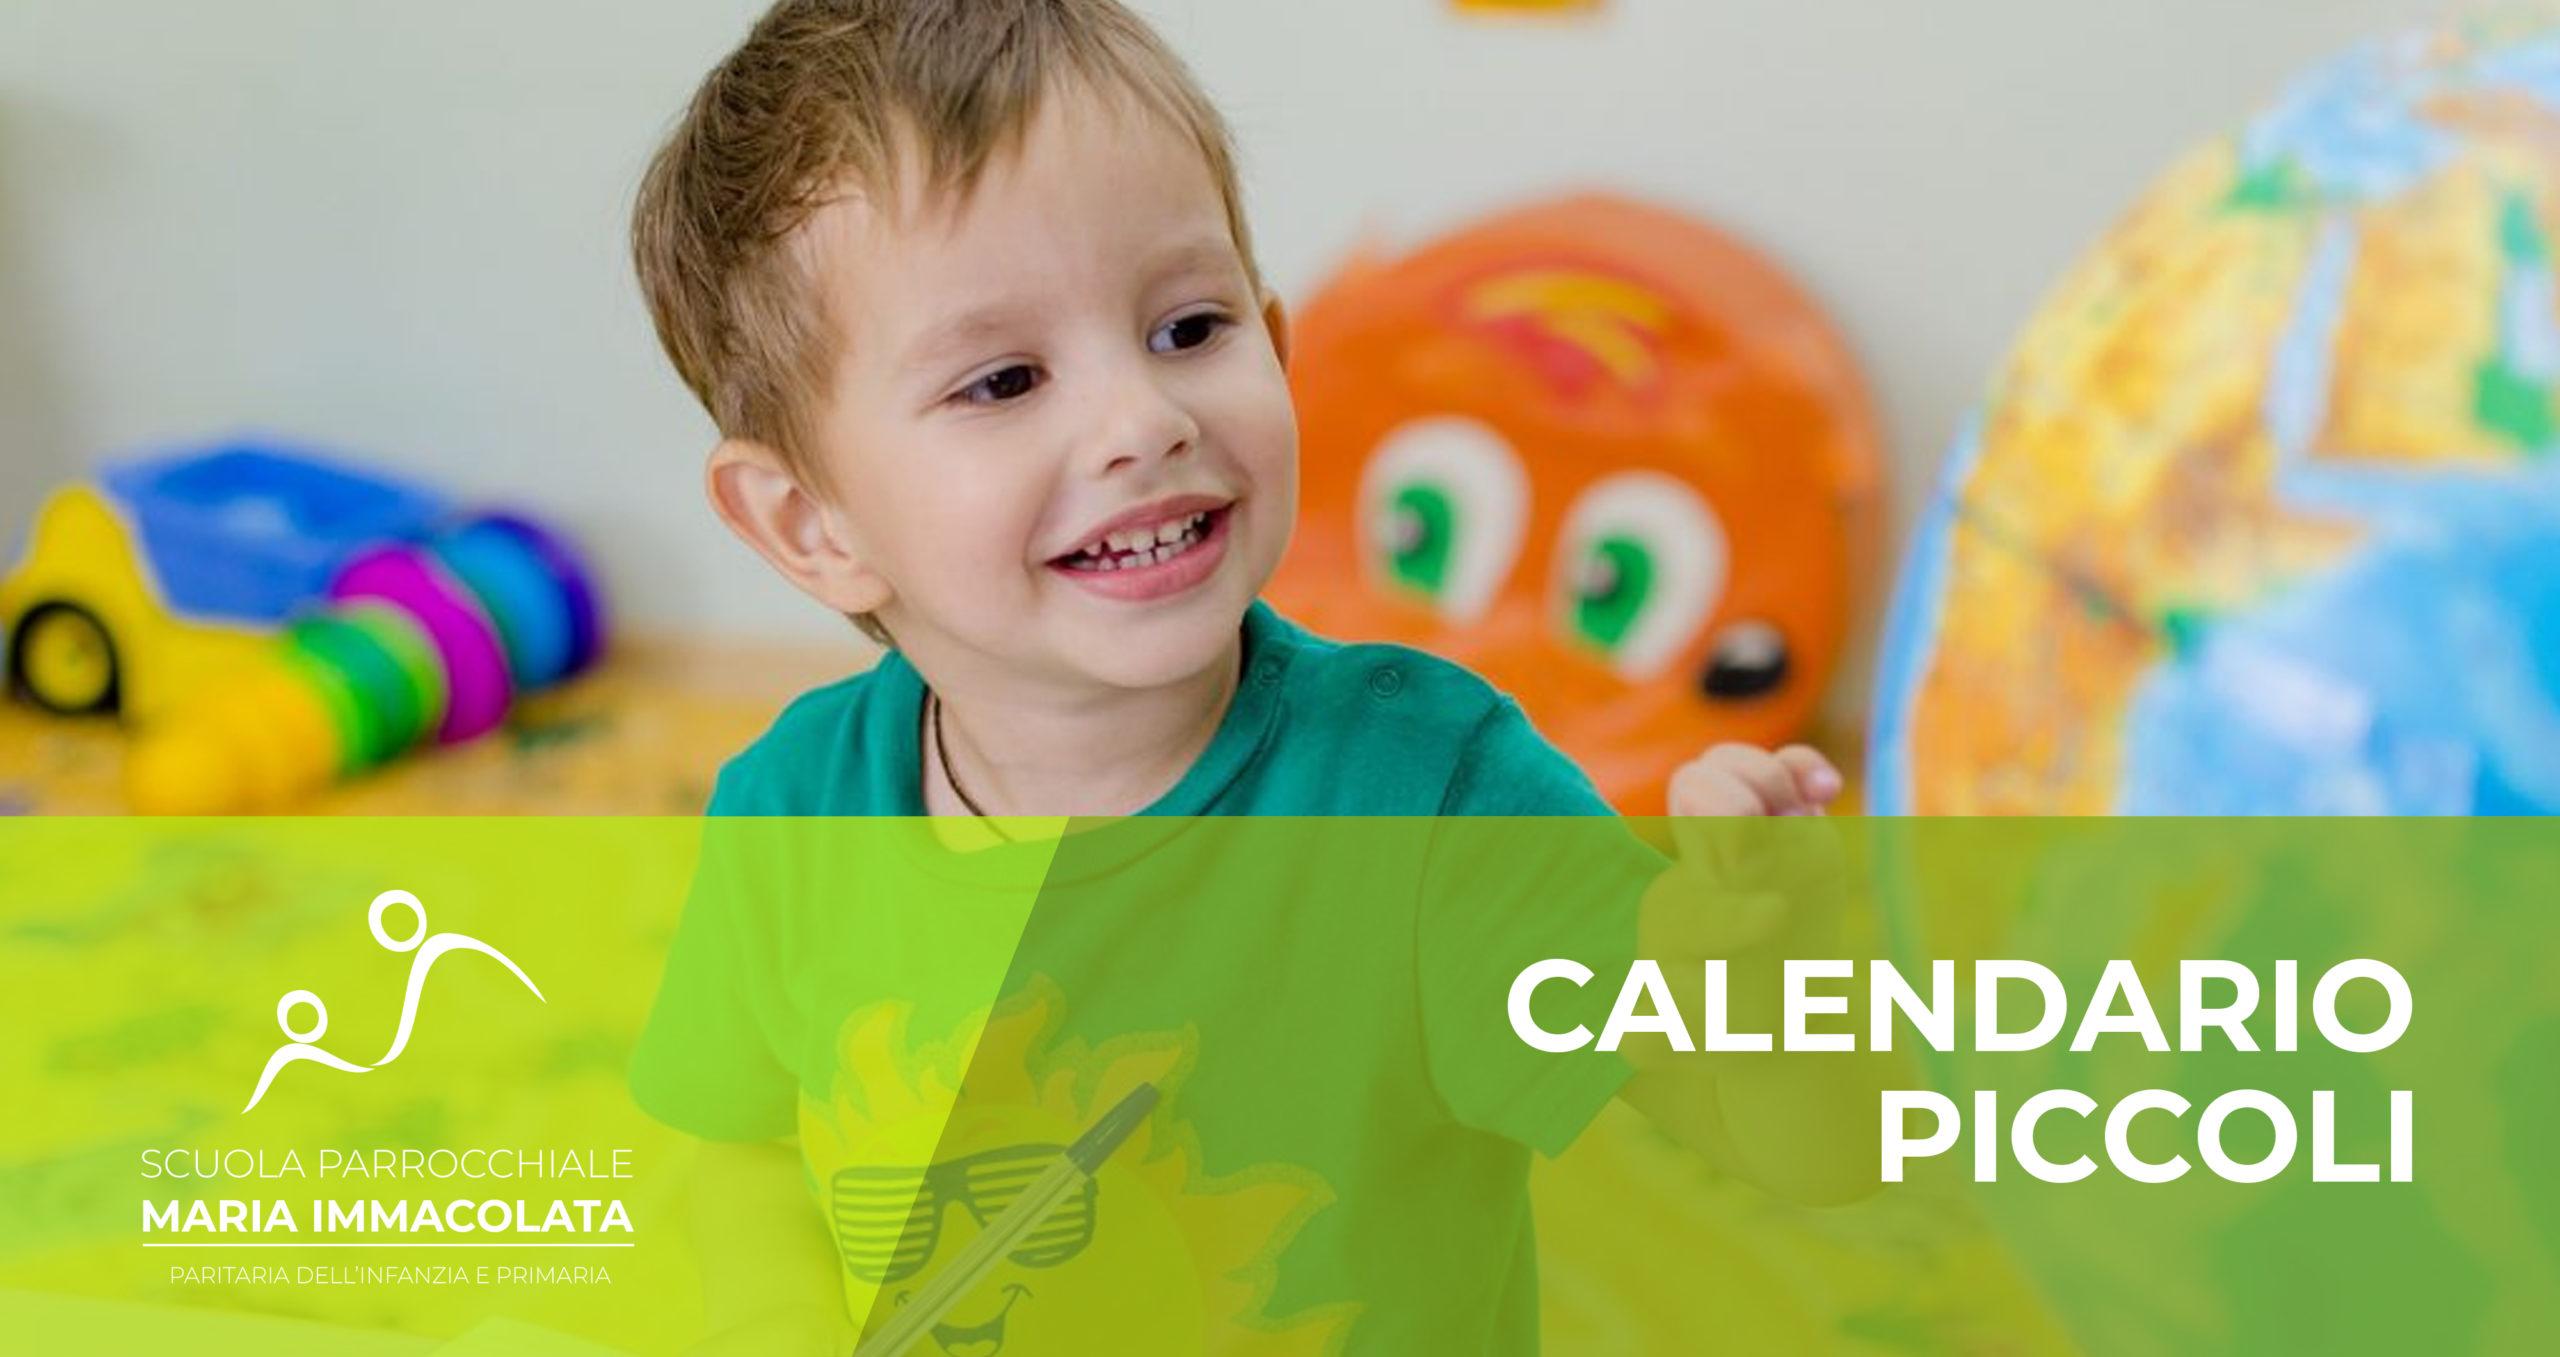 Calendario attività piccoli (primo anno)